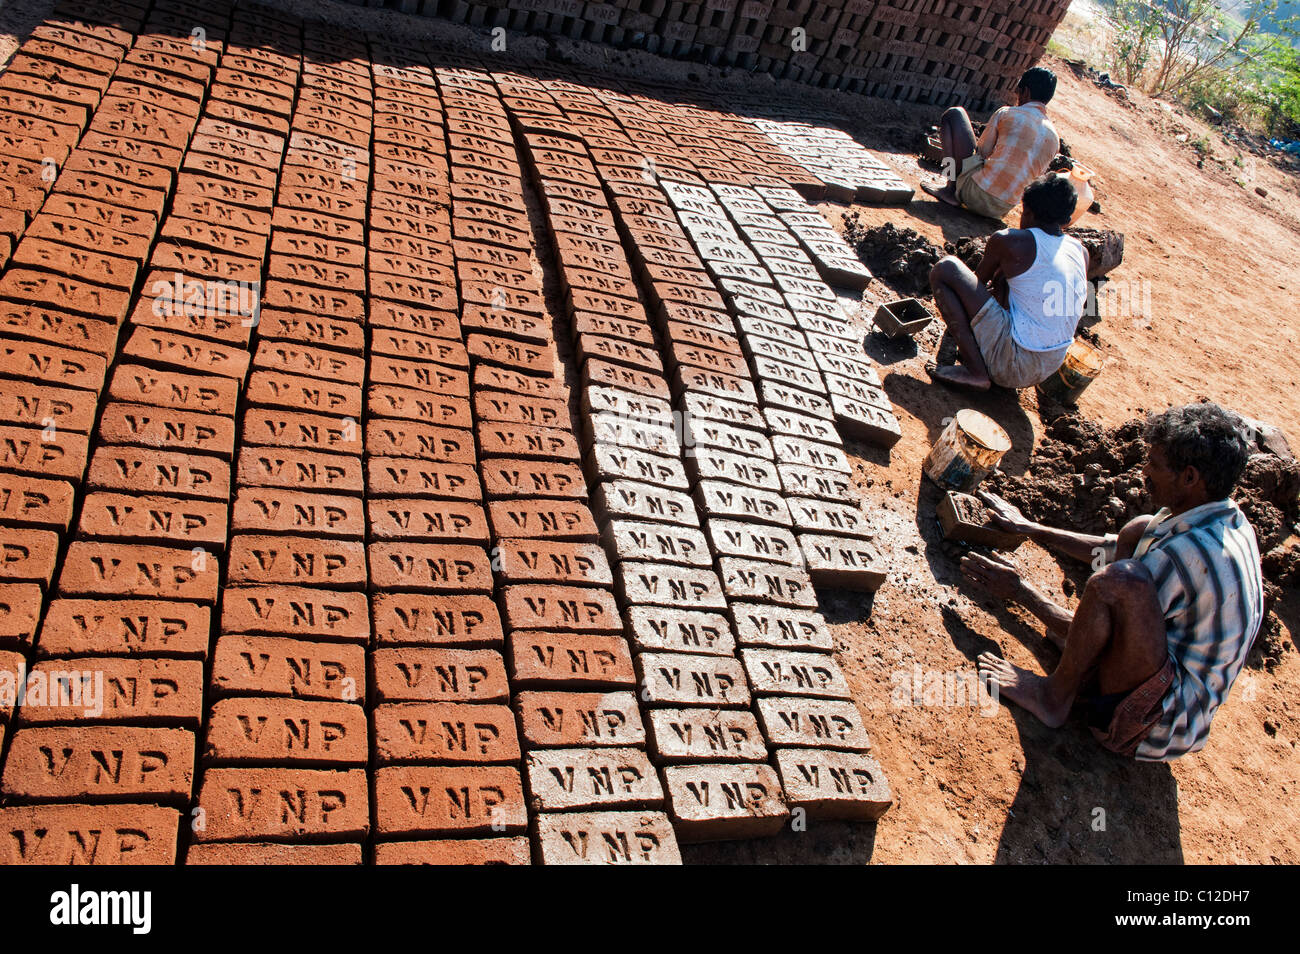 Les hommes indiens maison de briques à la main à l'aide d'un moule et de l'argile humide / Photo Stock